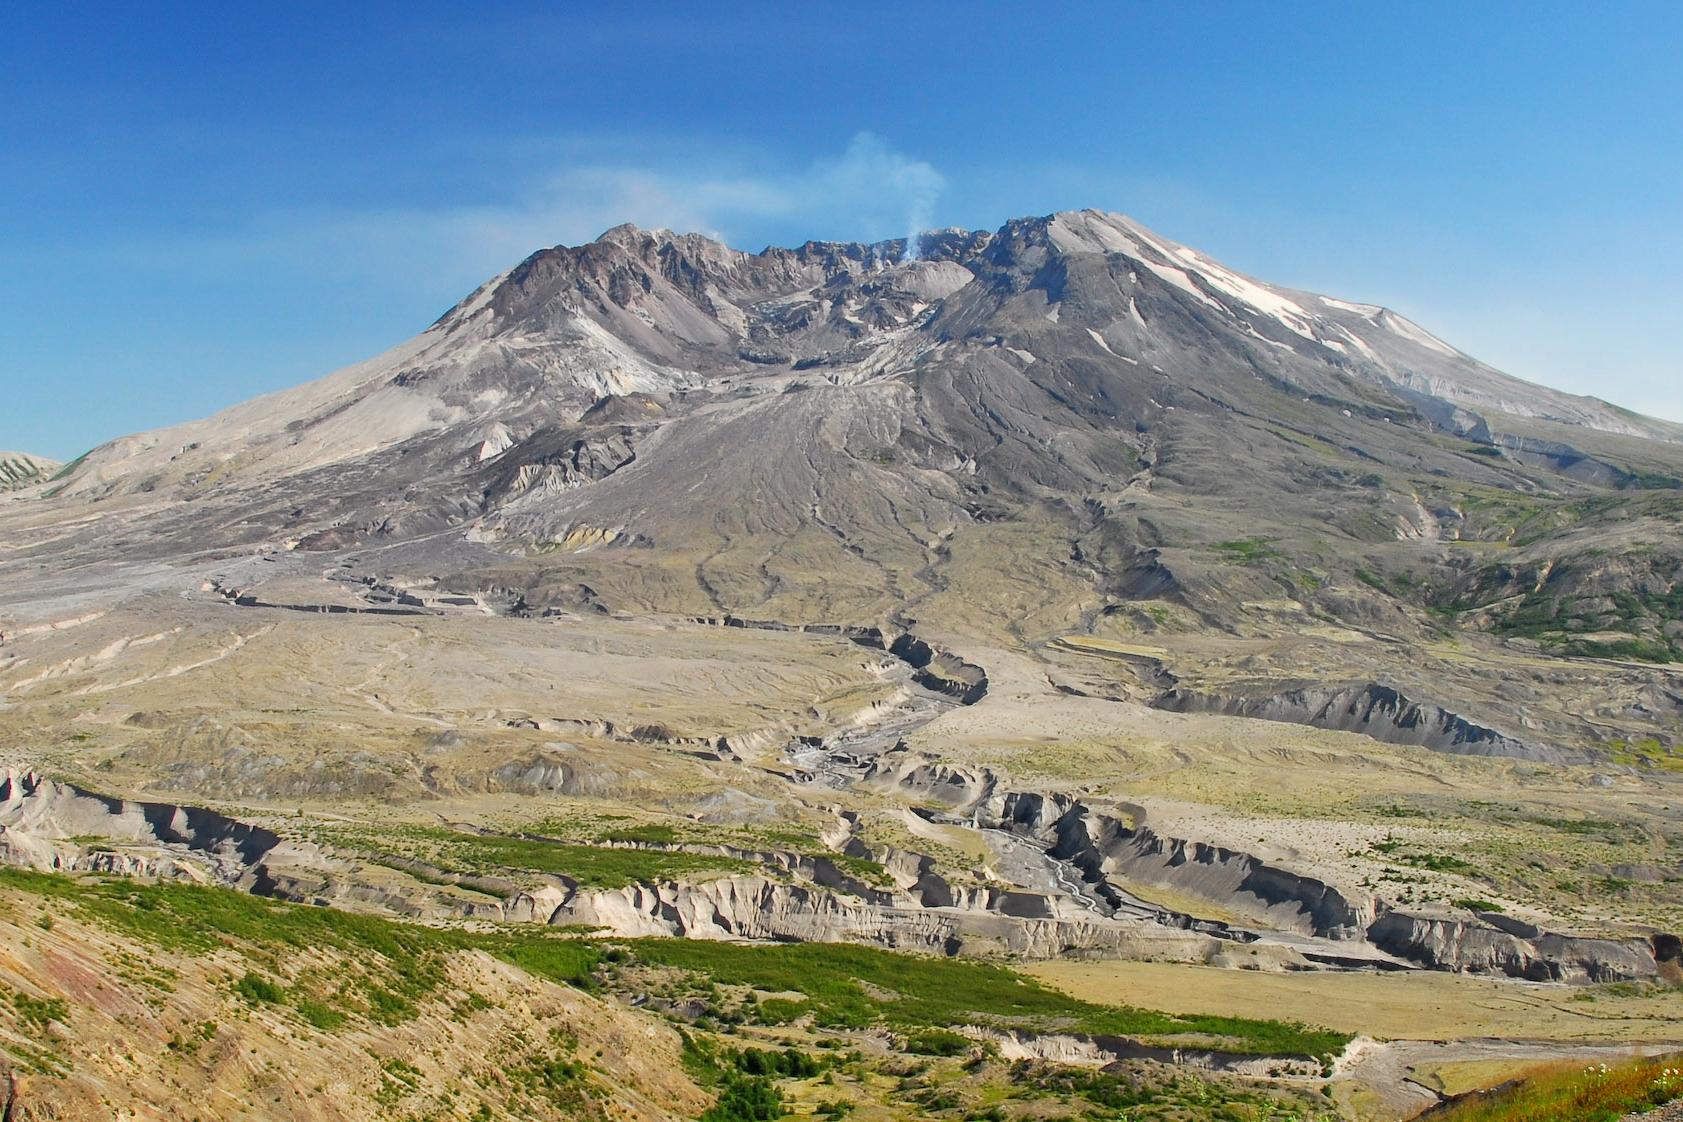 mount st helens eruption facts amp information live science - 990×660